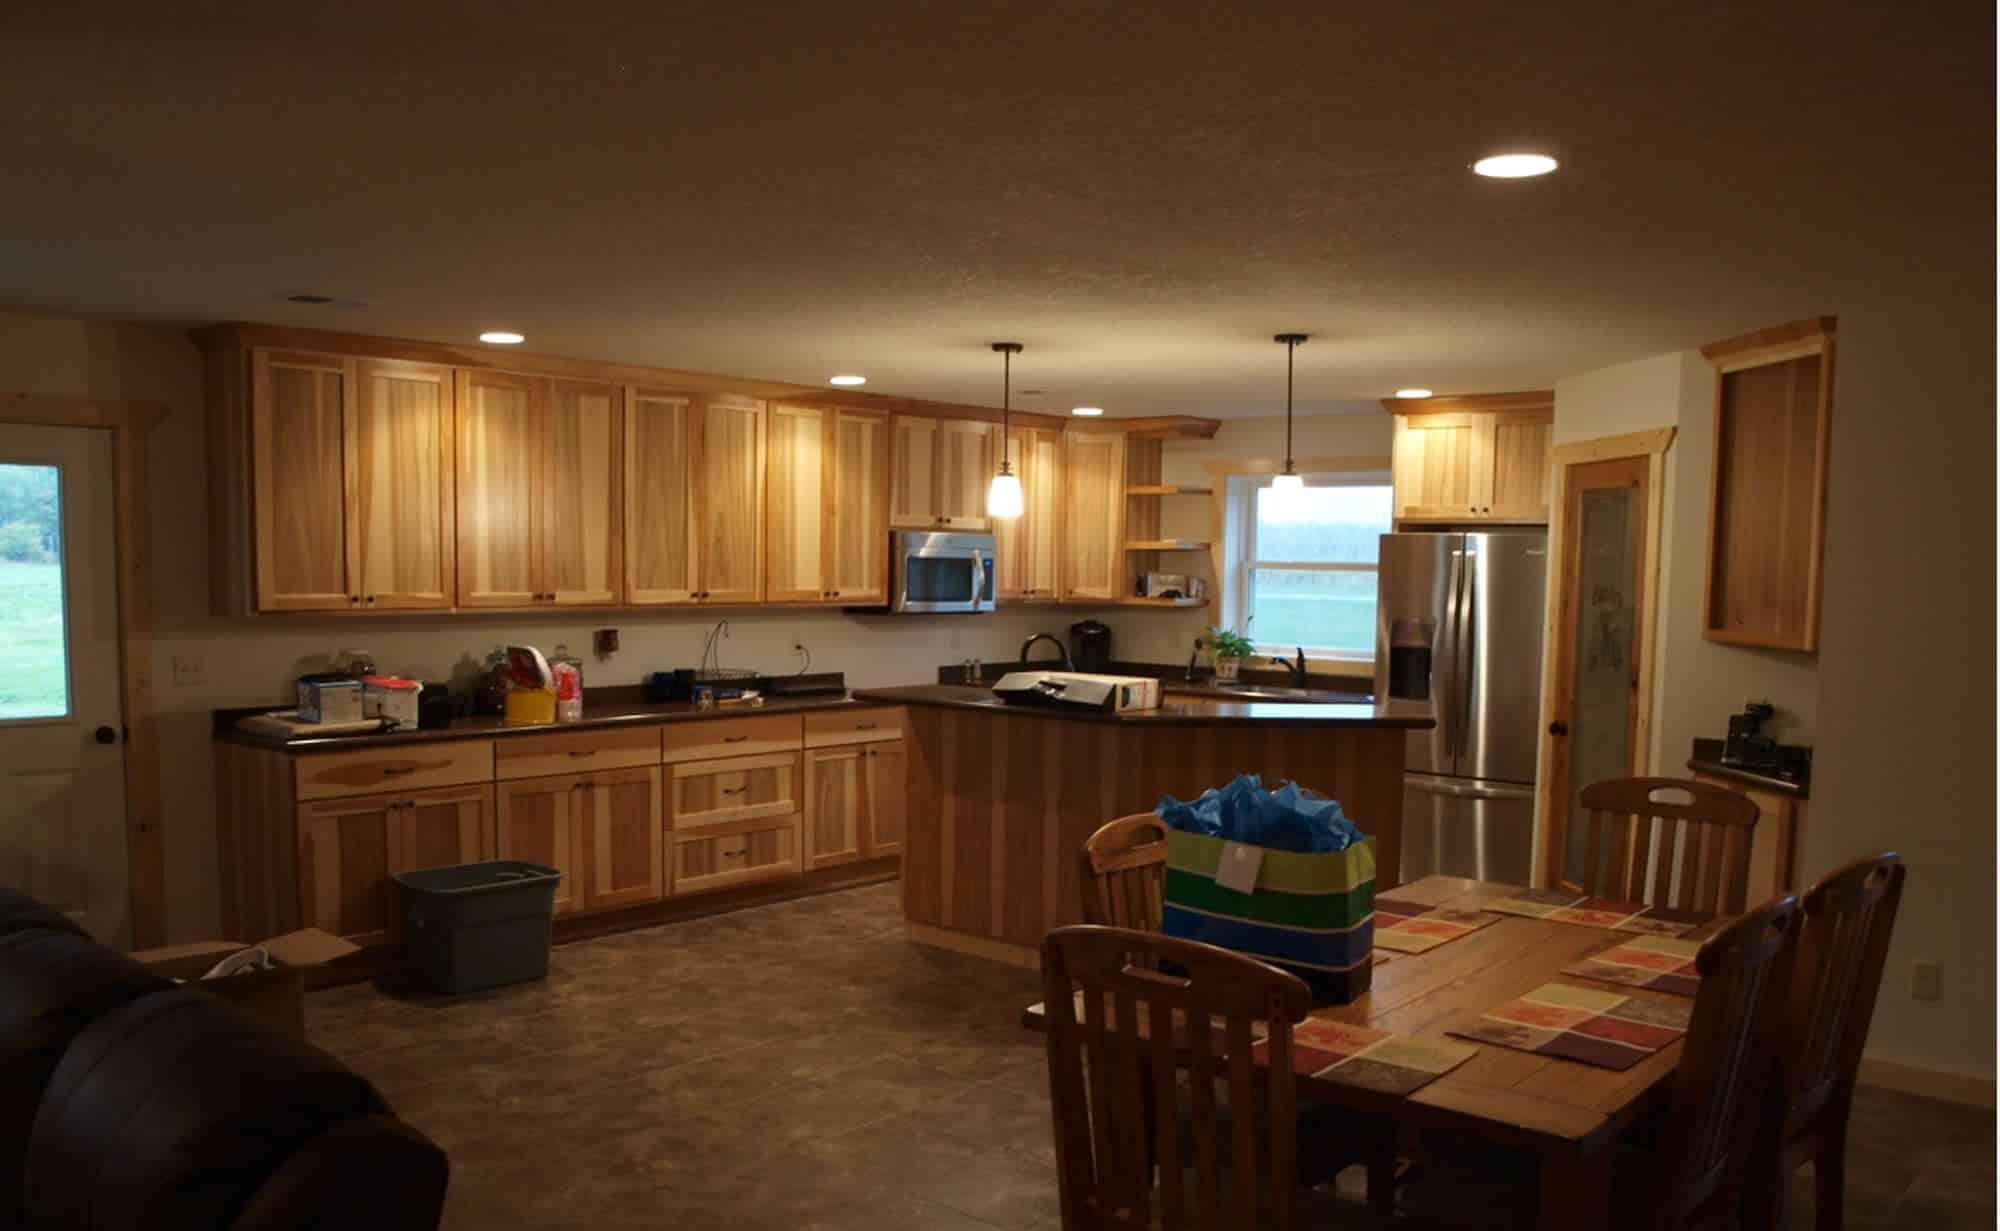 Pole Building House Kitchen